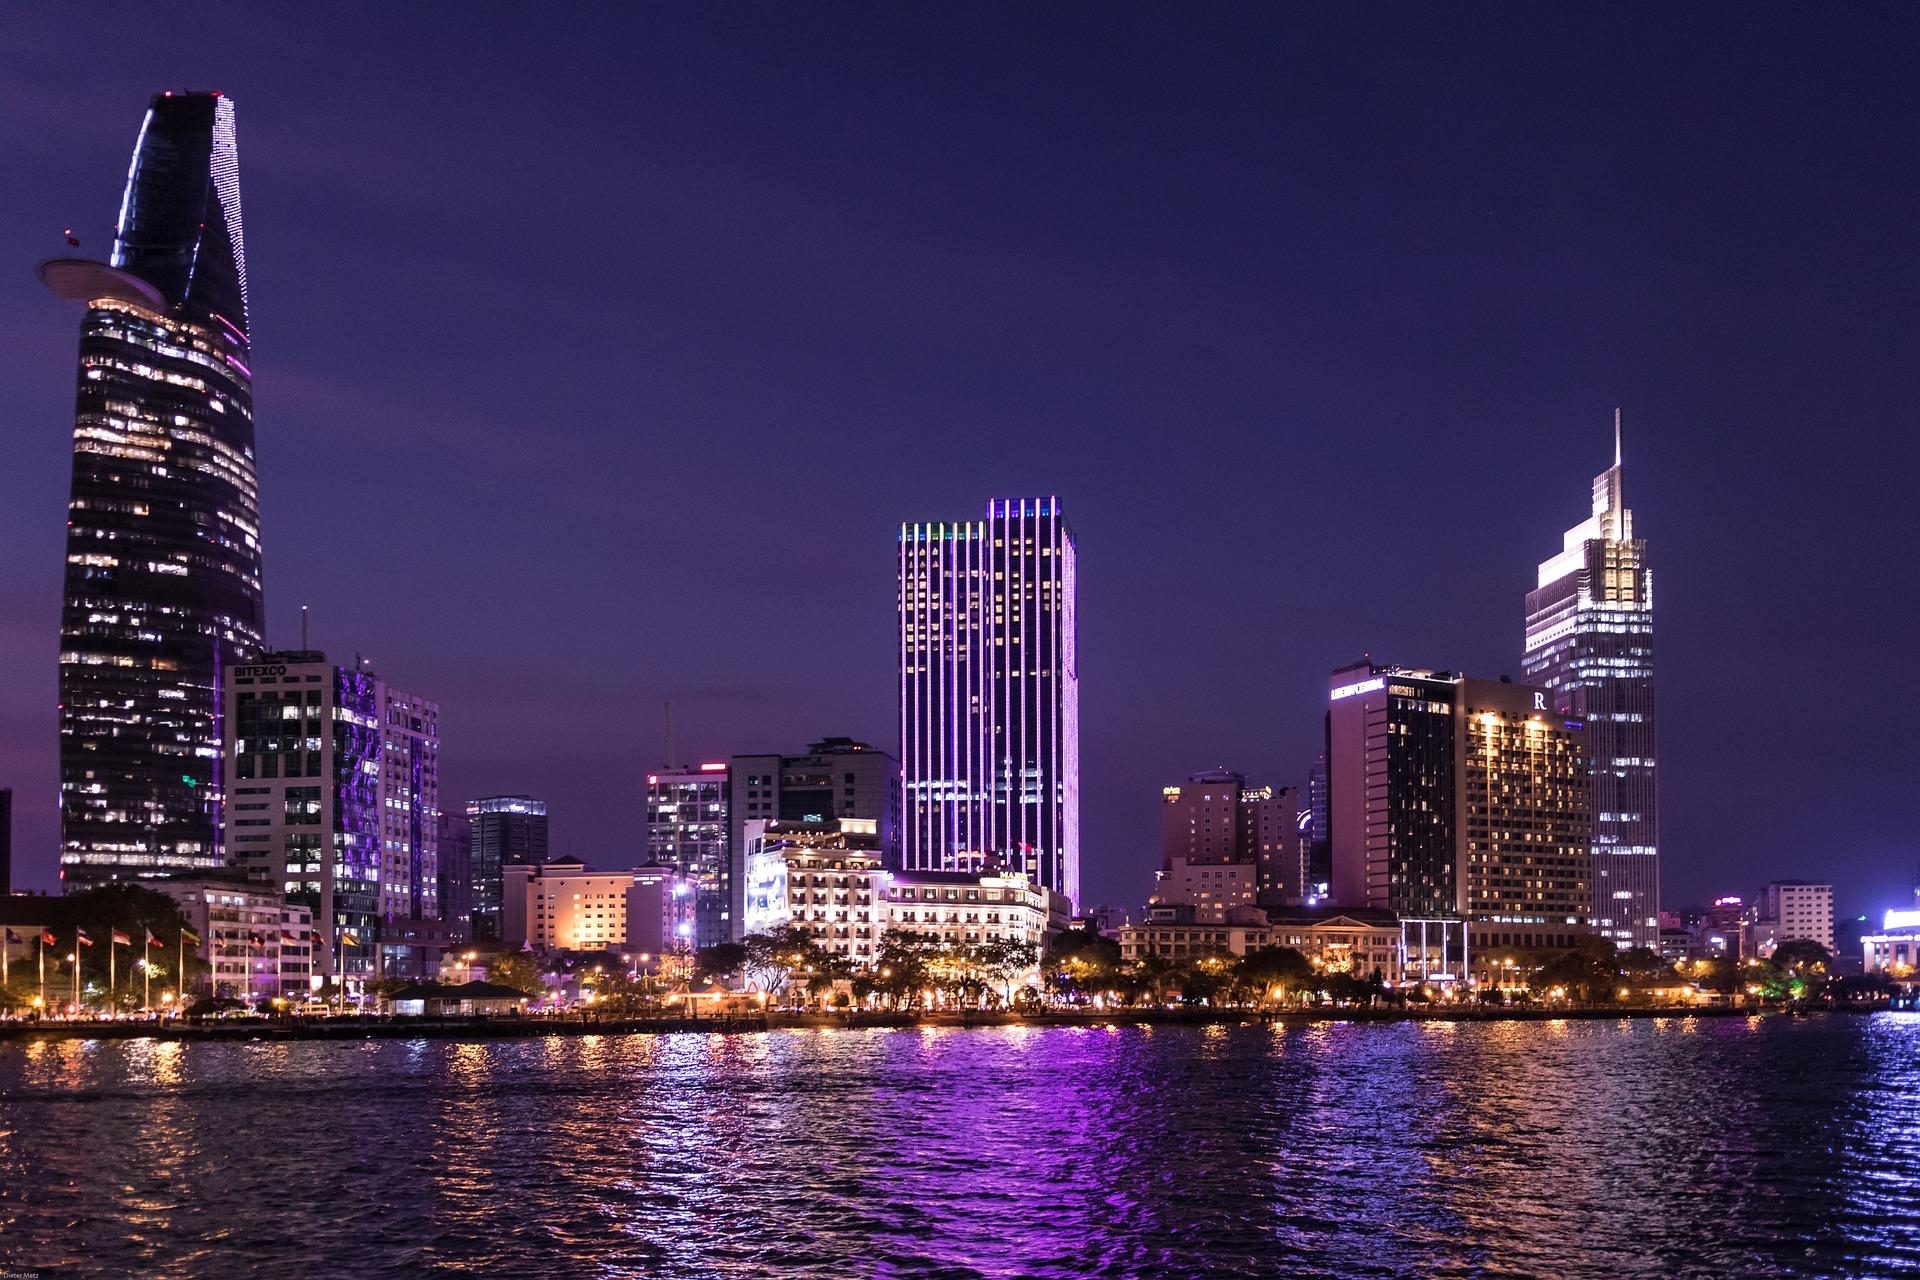 你該投資越南房地產嗎?越南房地產投資趨勢分析 上 @東南亞投資報告